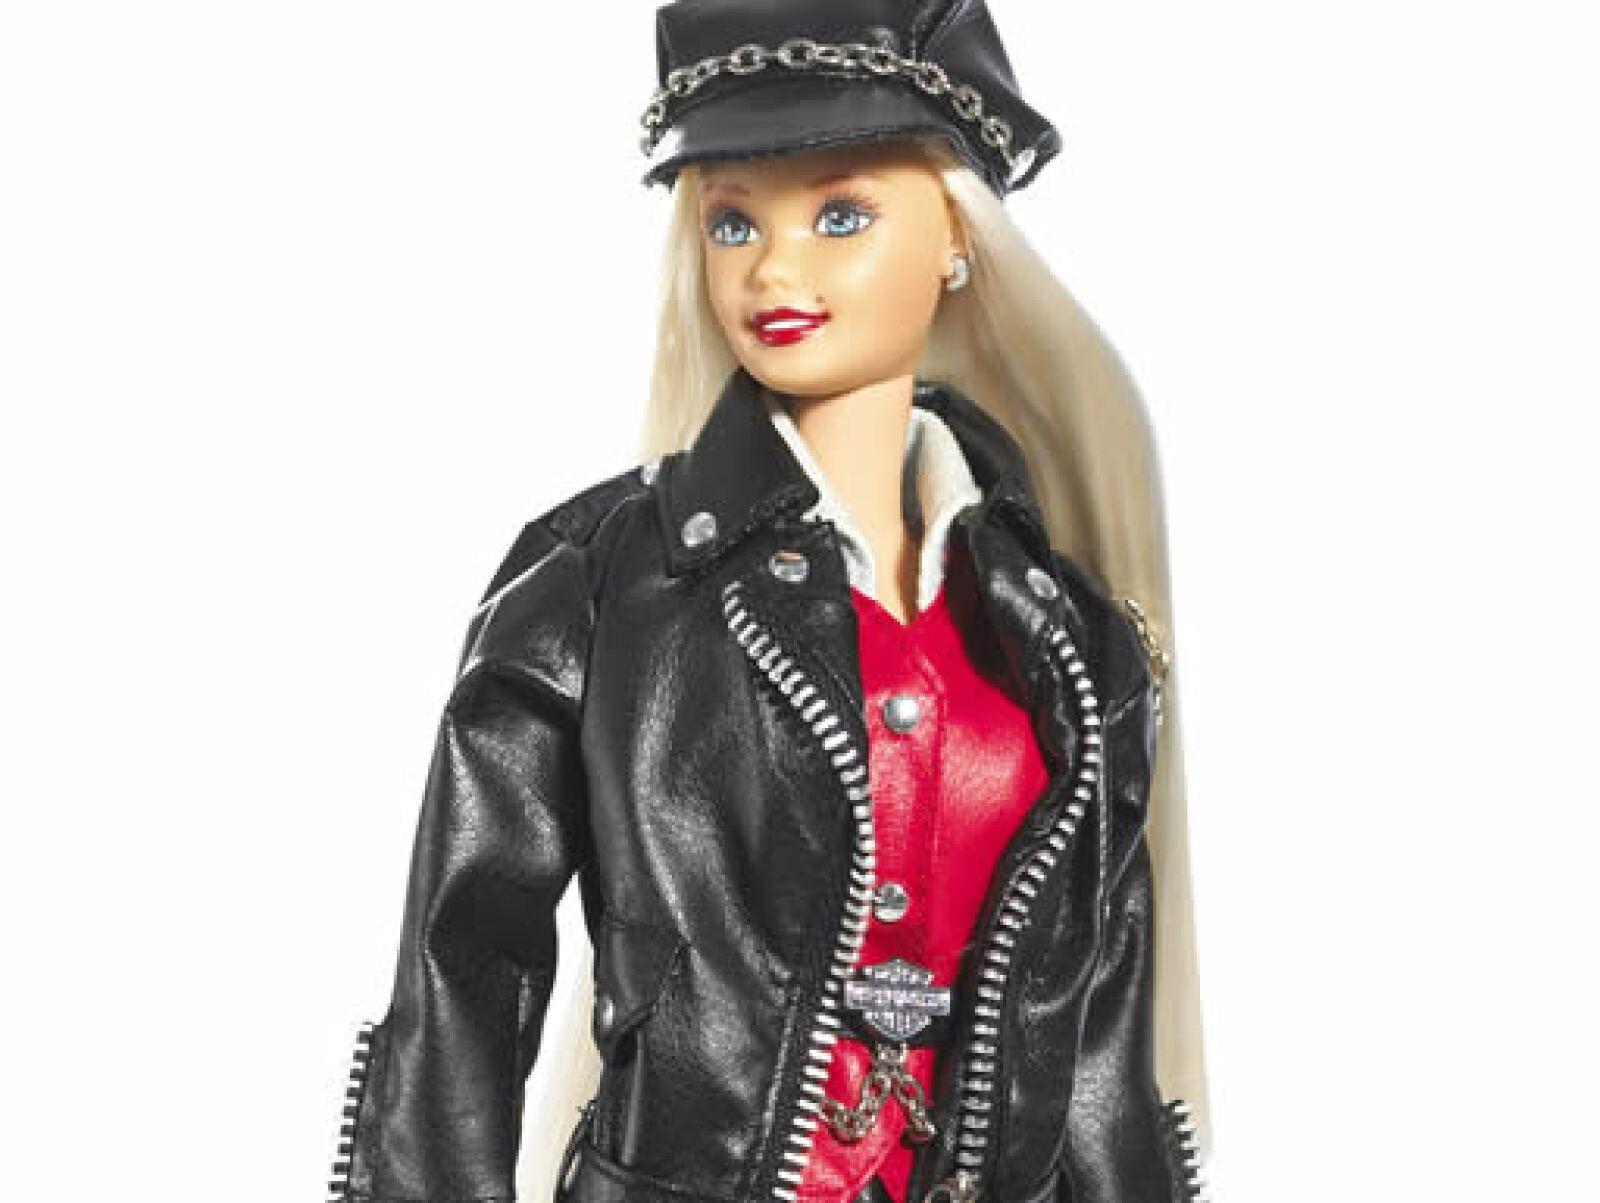 En 1997 apareció la Barbie que andaba en una moto Harley Davidson.